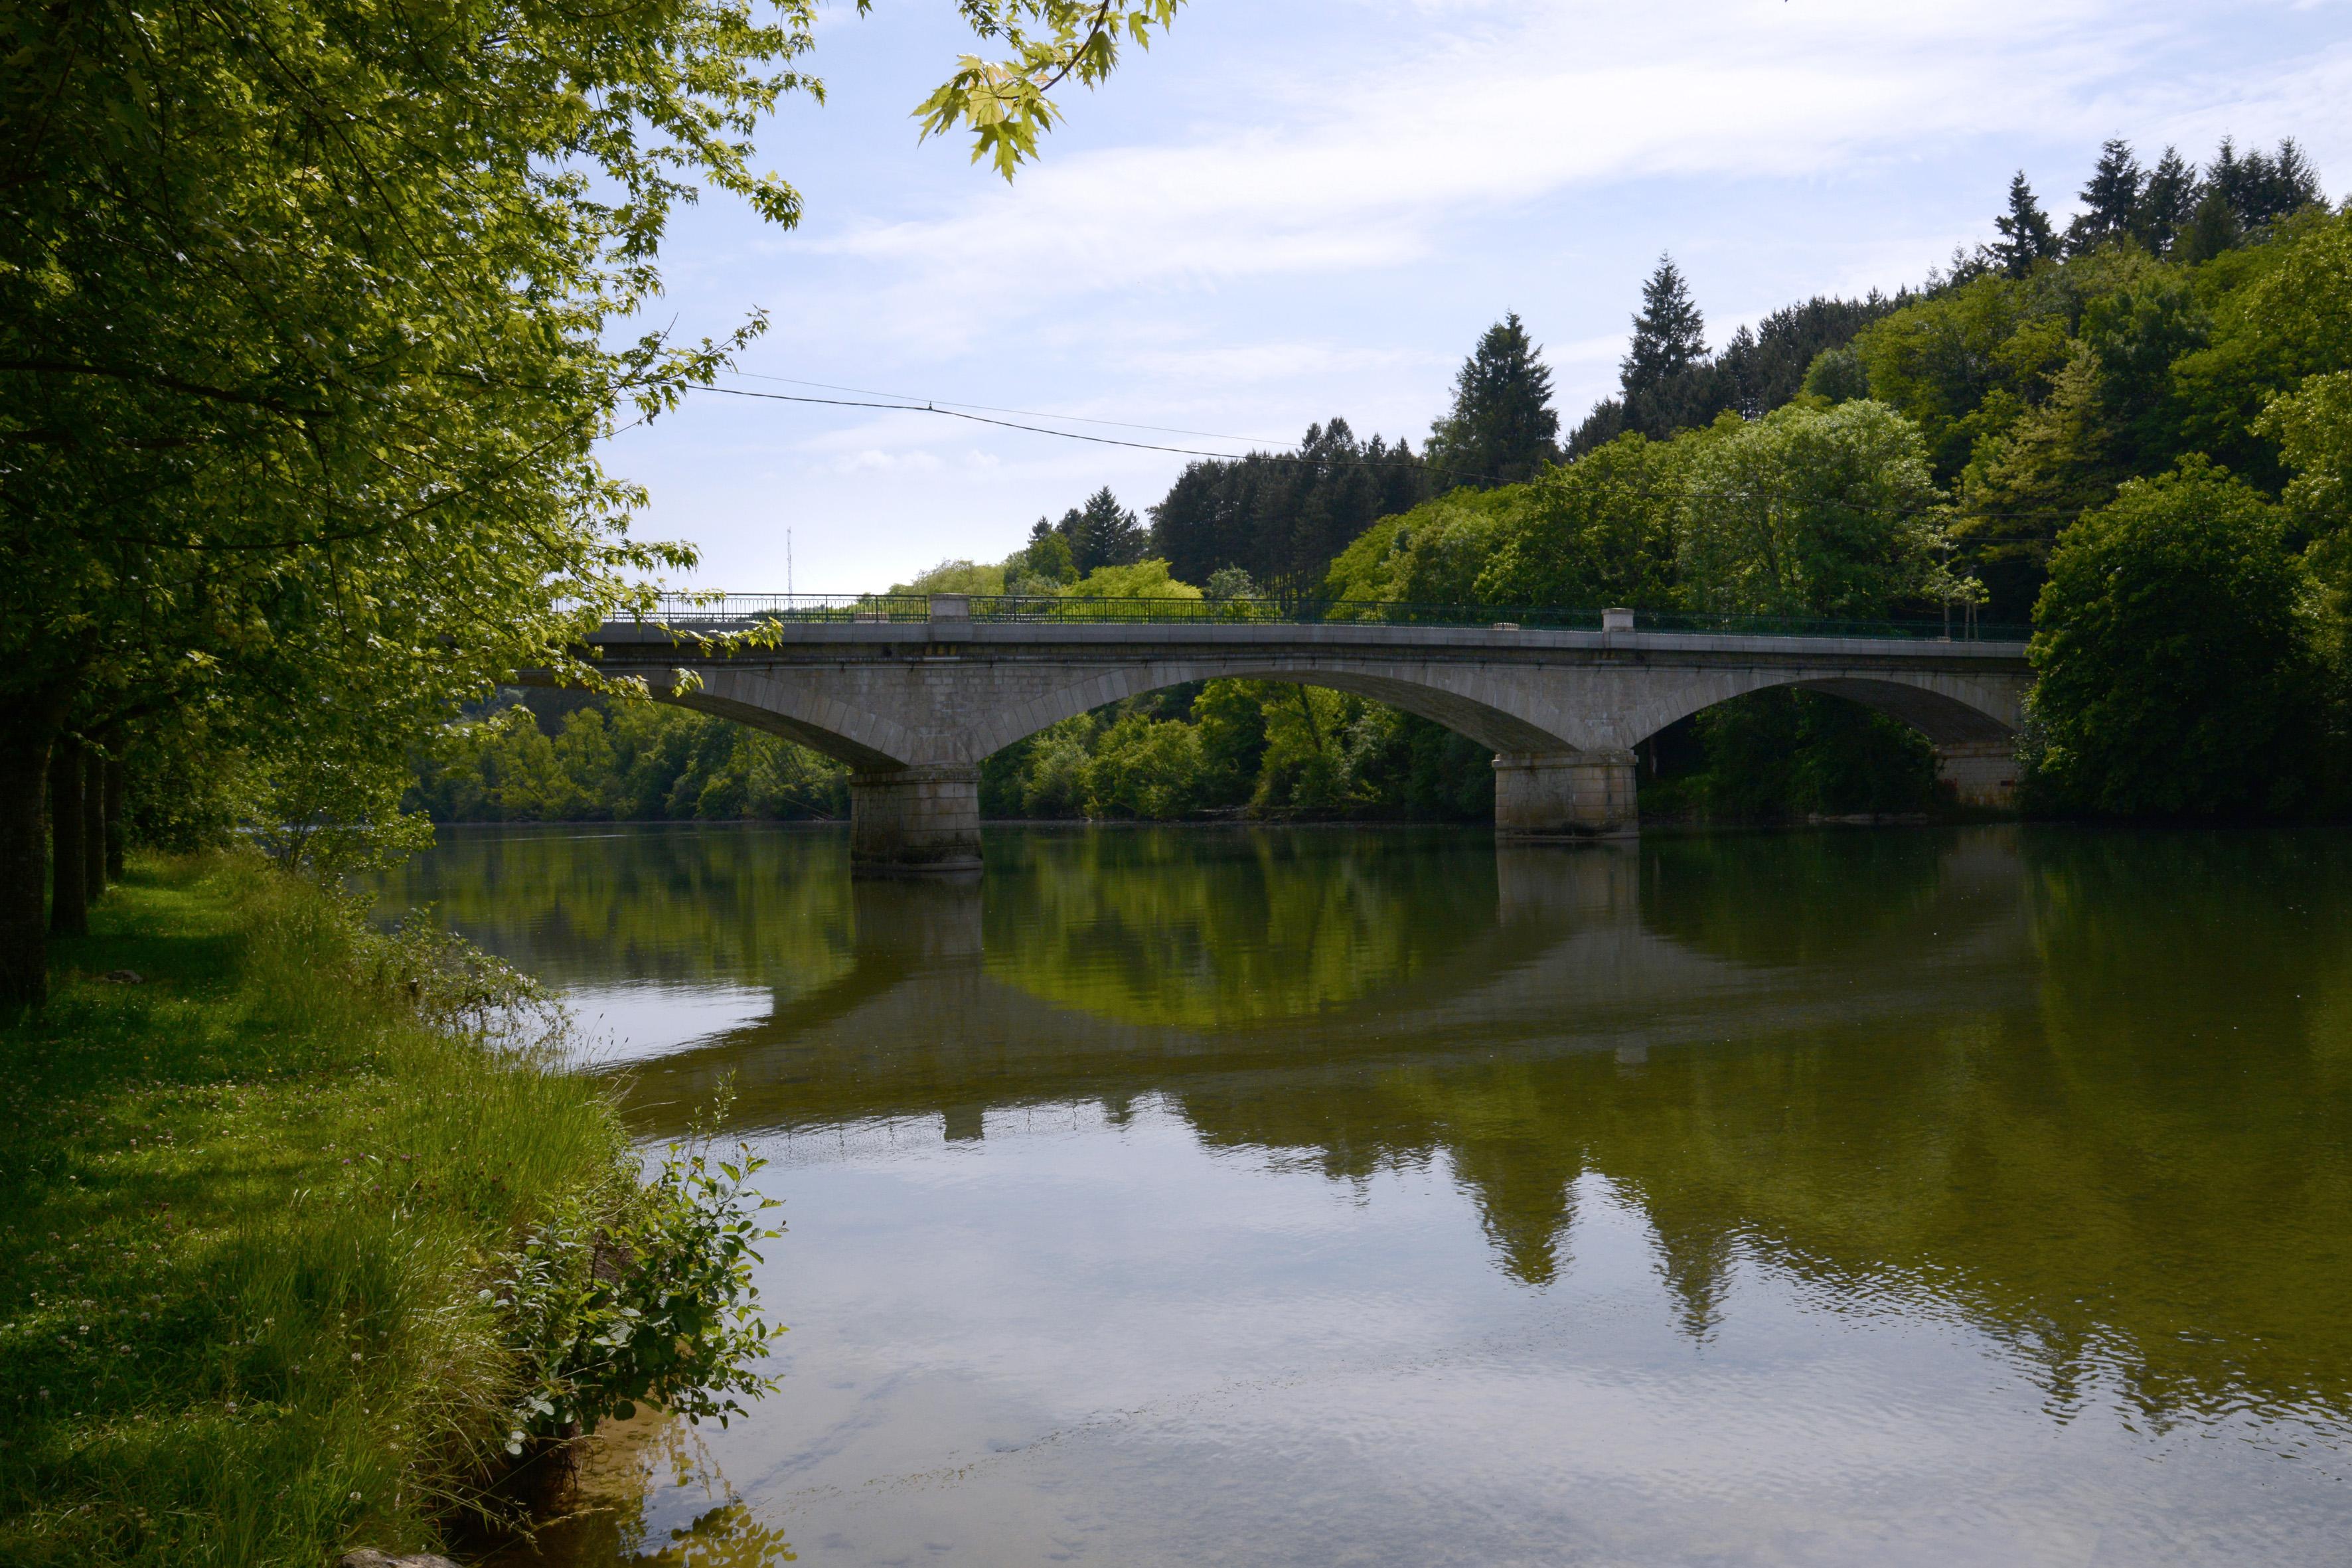 Pont de Poncin sur la rivière d'Ain